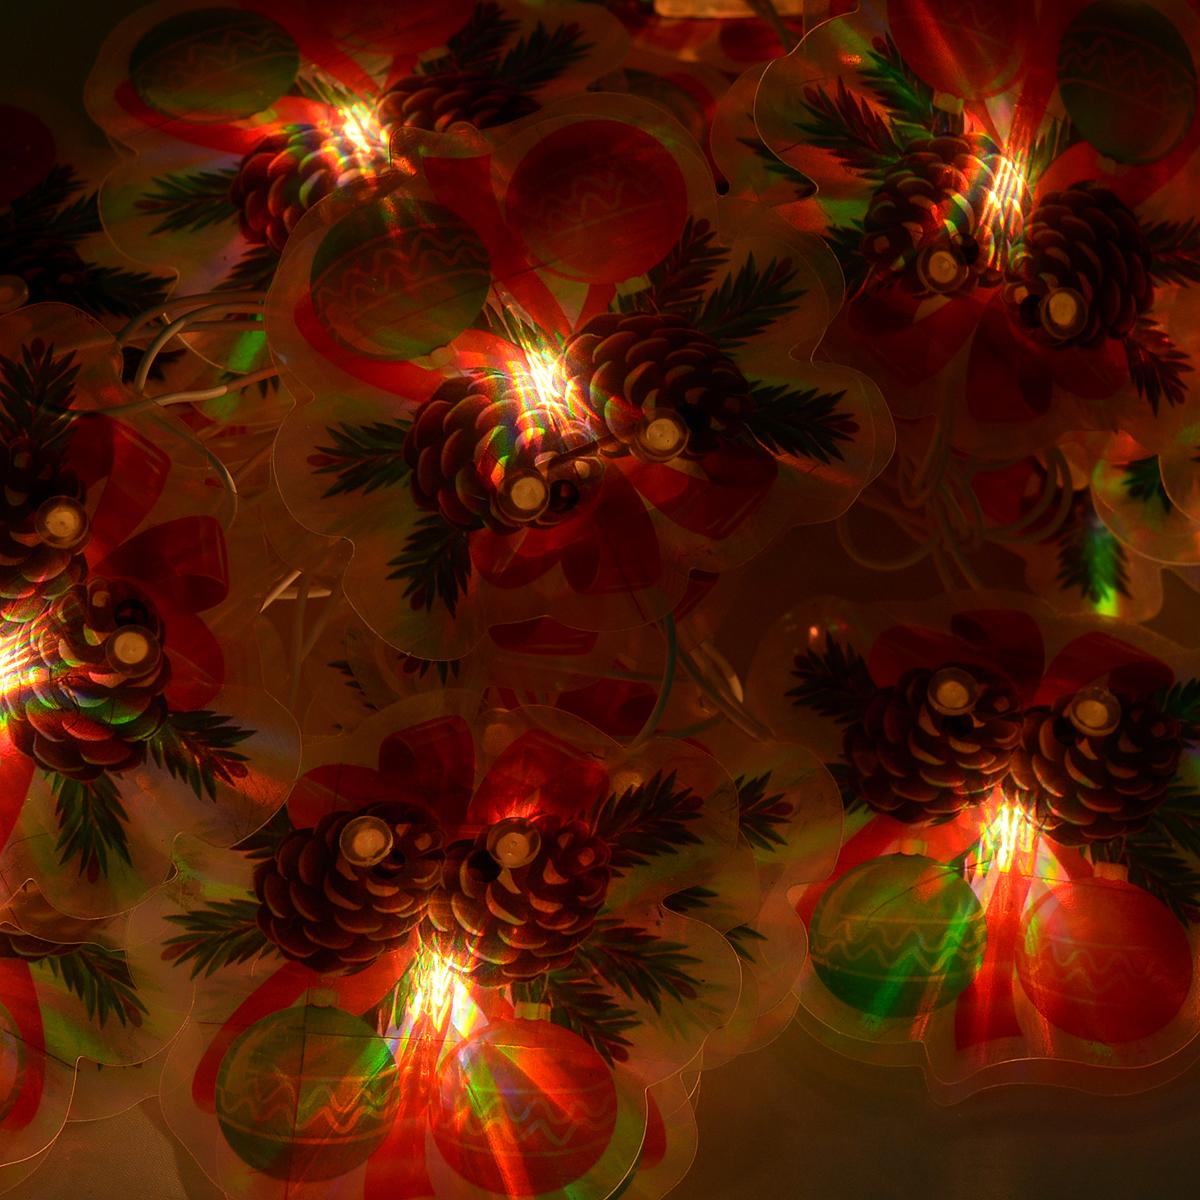 Гирлянда новогодняя, электрическая, 16 ламп, 2,5 м